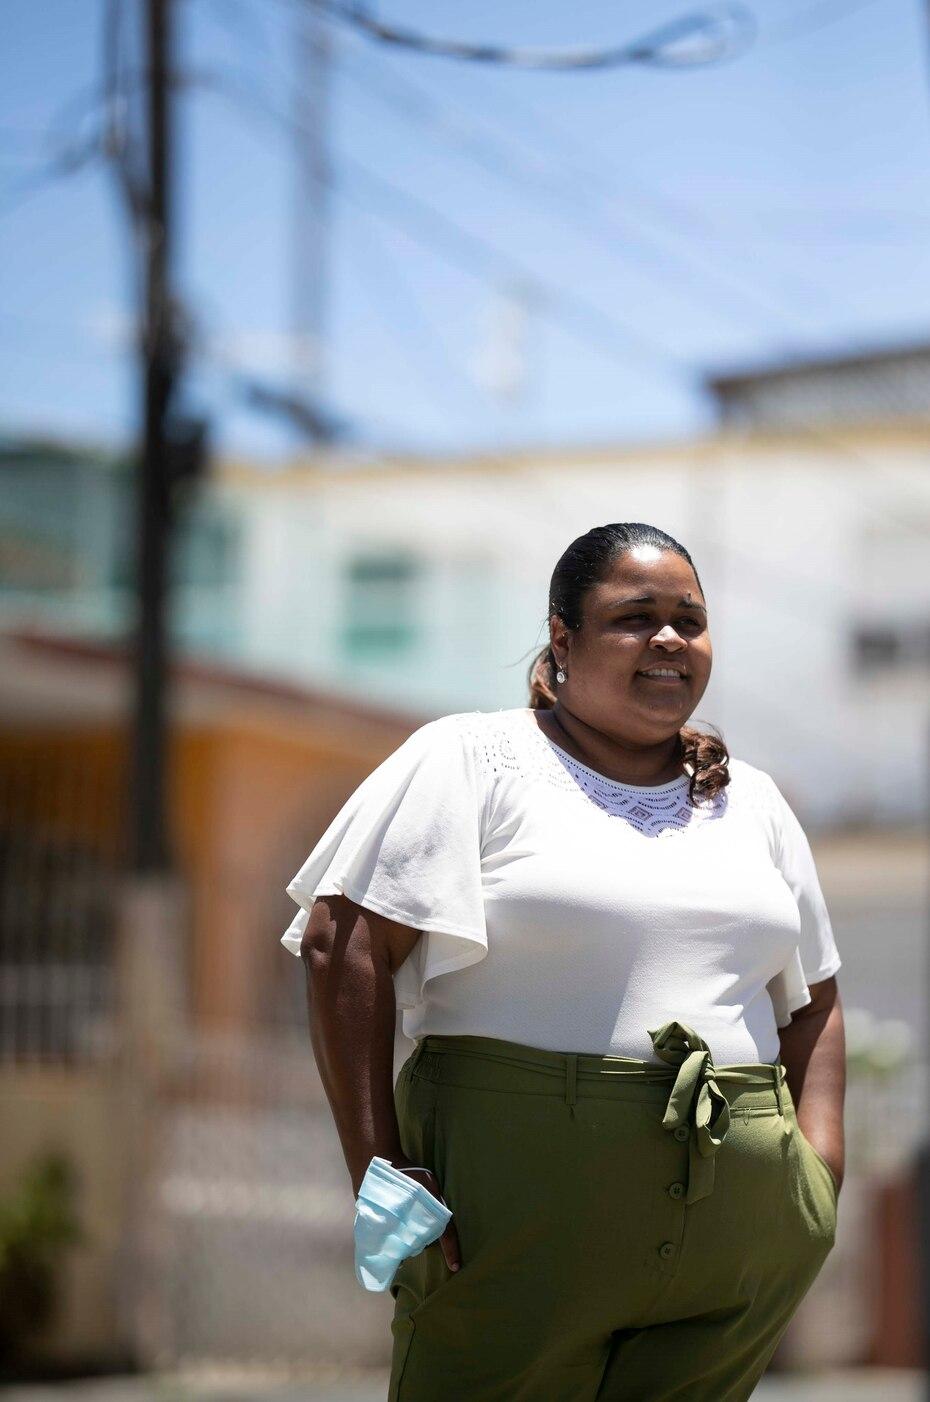 Francine Sánchez, directora ejecutiva de la Compañía para el Desarrollo Integral de la Península de Cantera, explicó que la última fase es la de notificación, y consiste en ir casa por casa y entregarles a los vecinos el plano o mapa del deslinde.